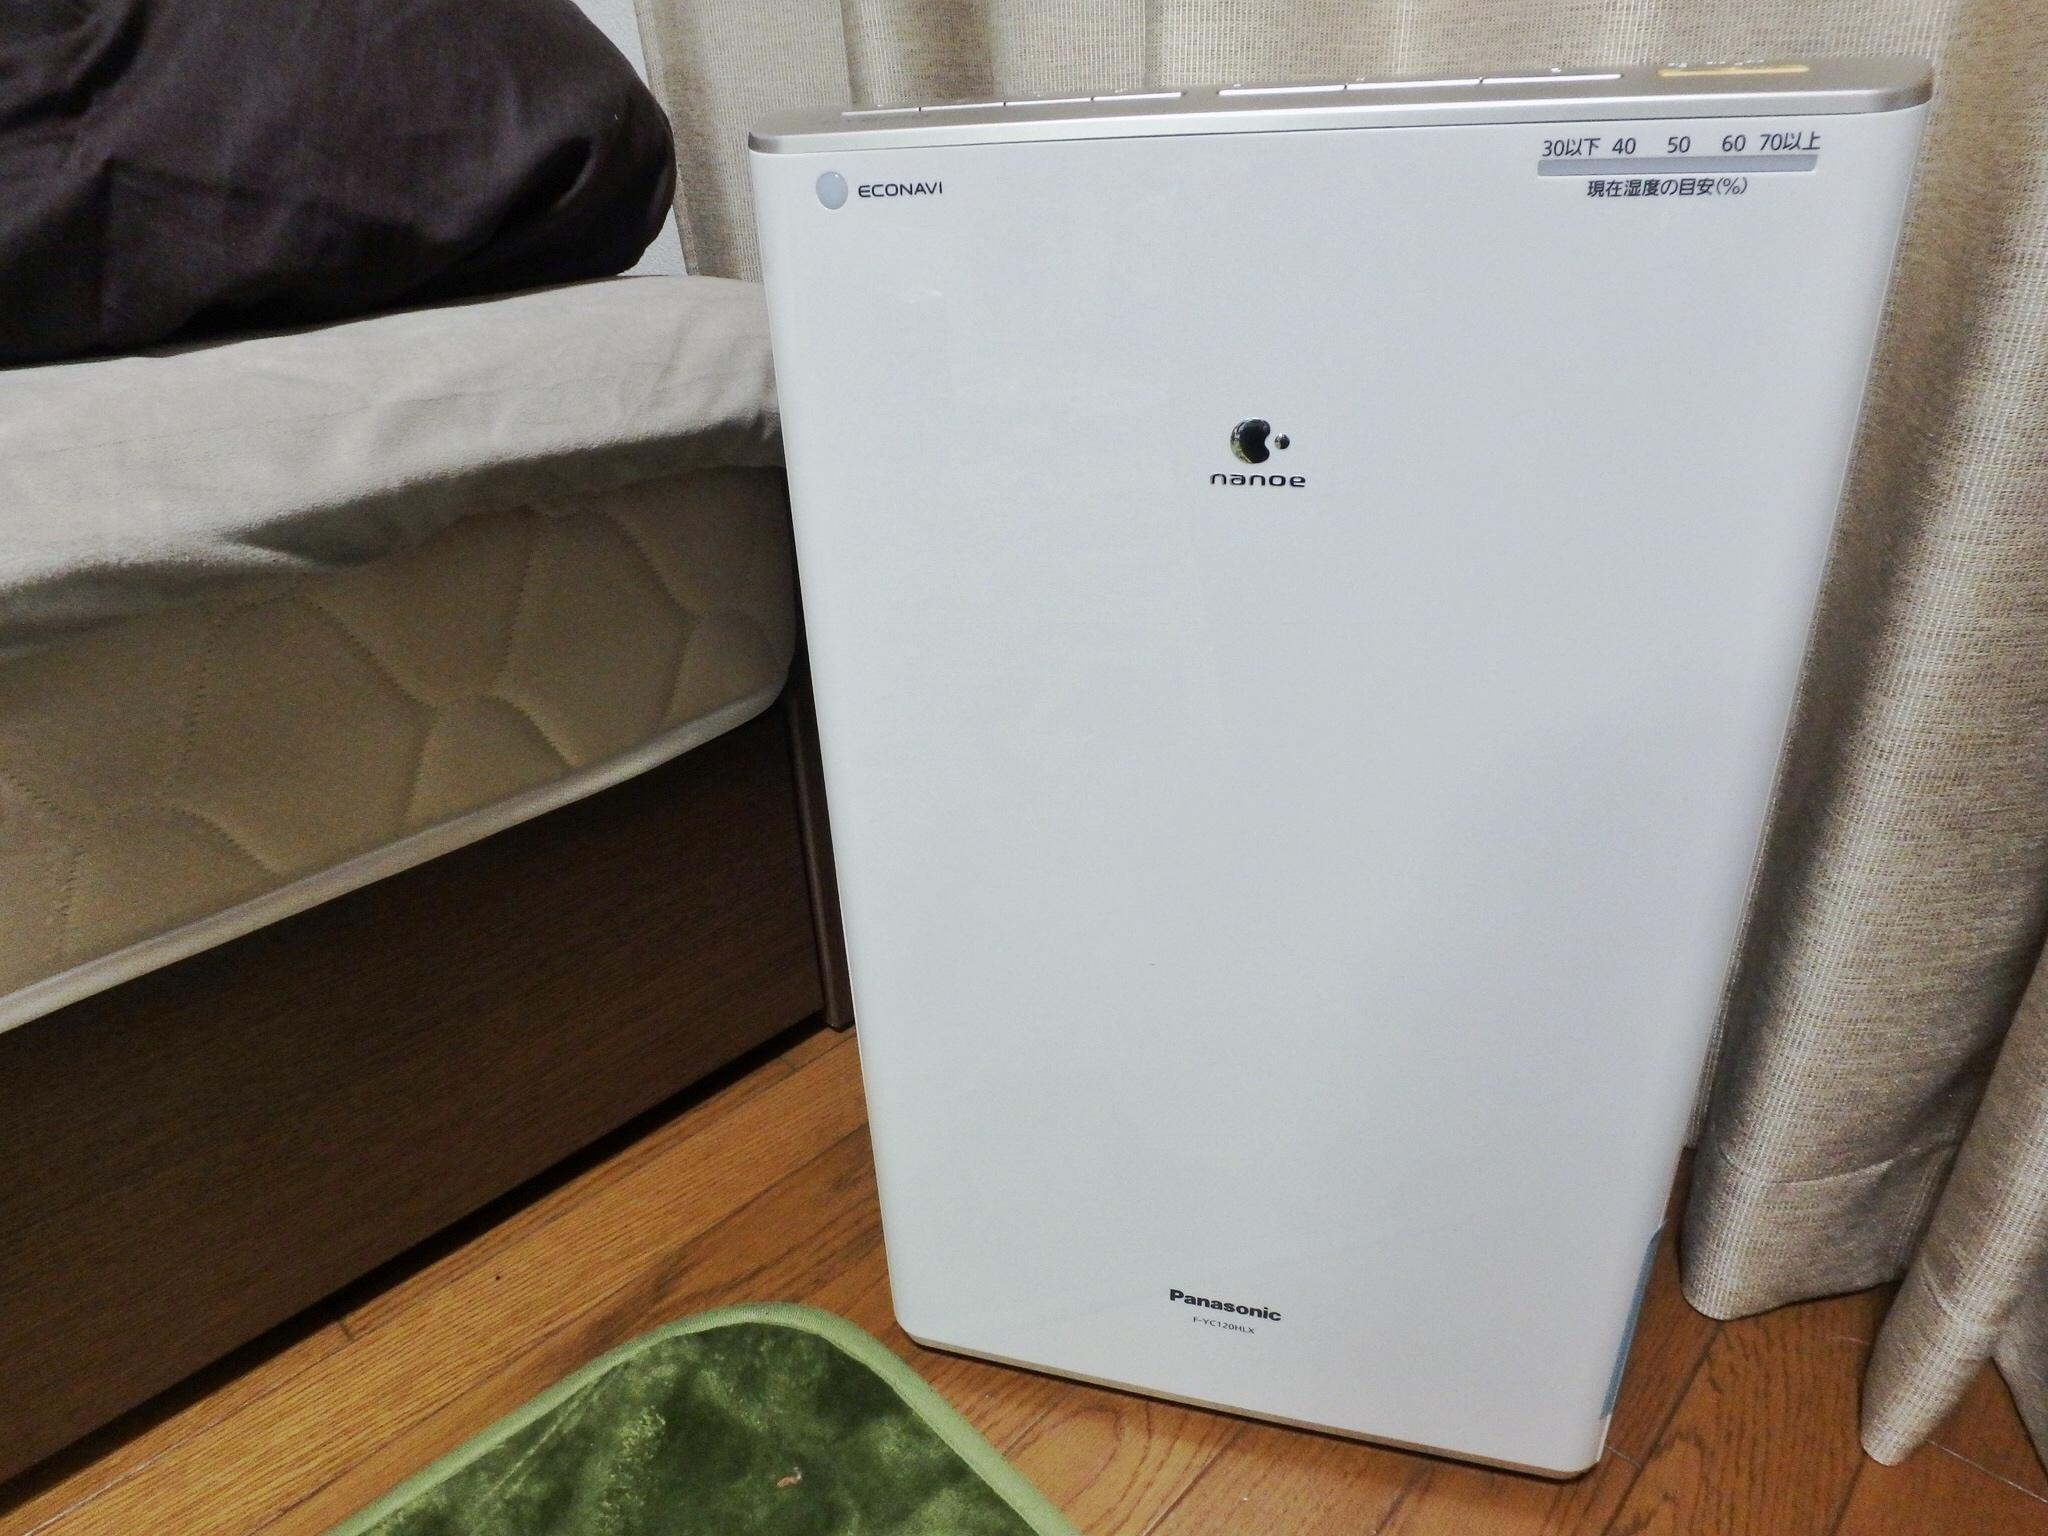 桜島県民は冬でも除湿機必須なんです。 ハイブリッド式衣類乾燥除湿機購入しました